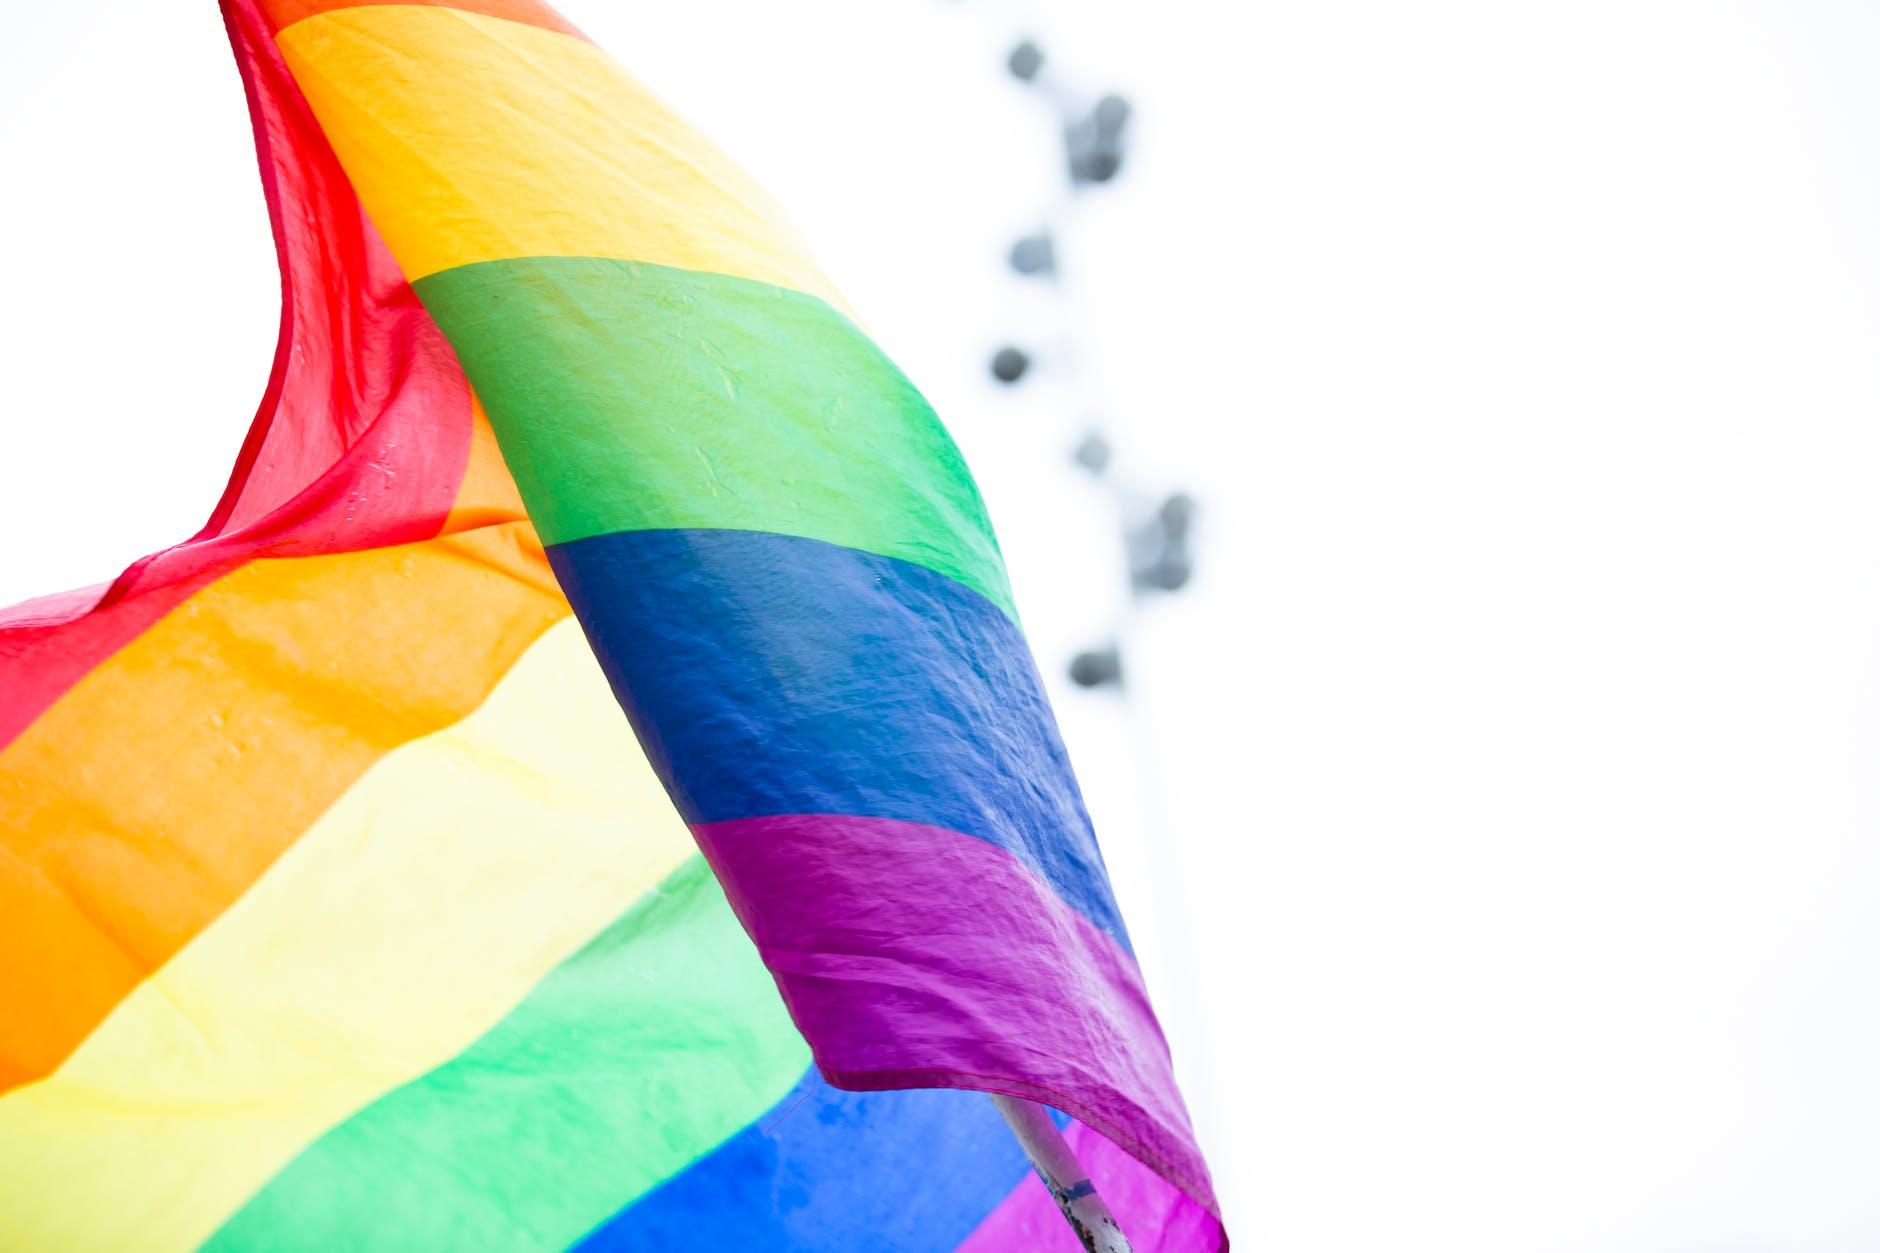 Lazio Pride: Ceccano, Albano Laziale e Viterbo candidate per ospitare l'edizione del 2022